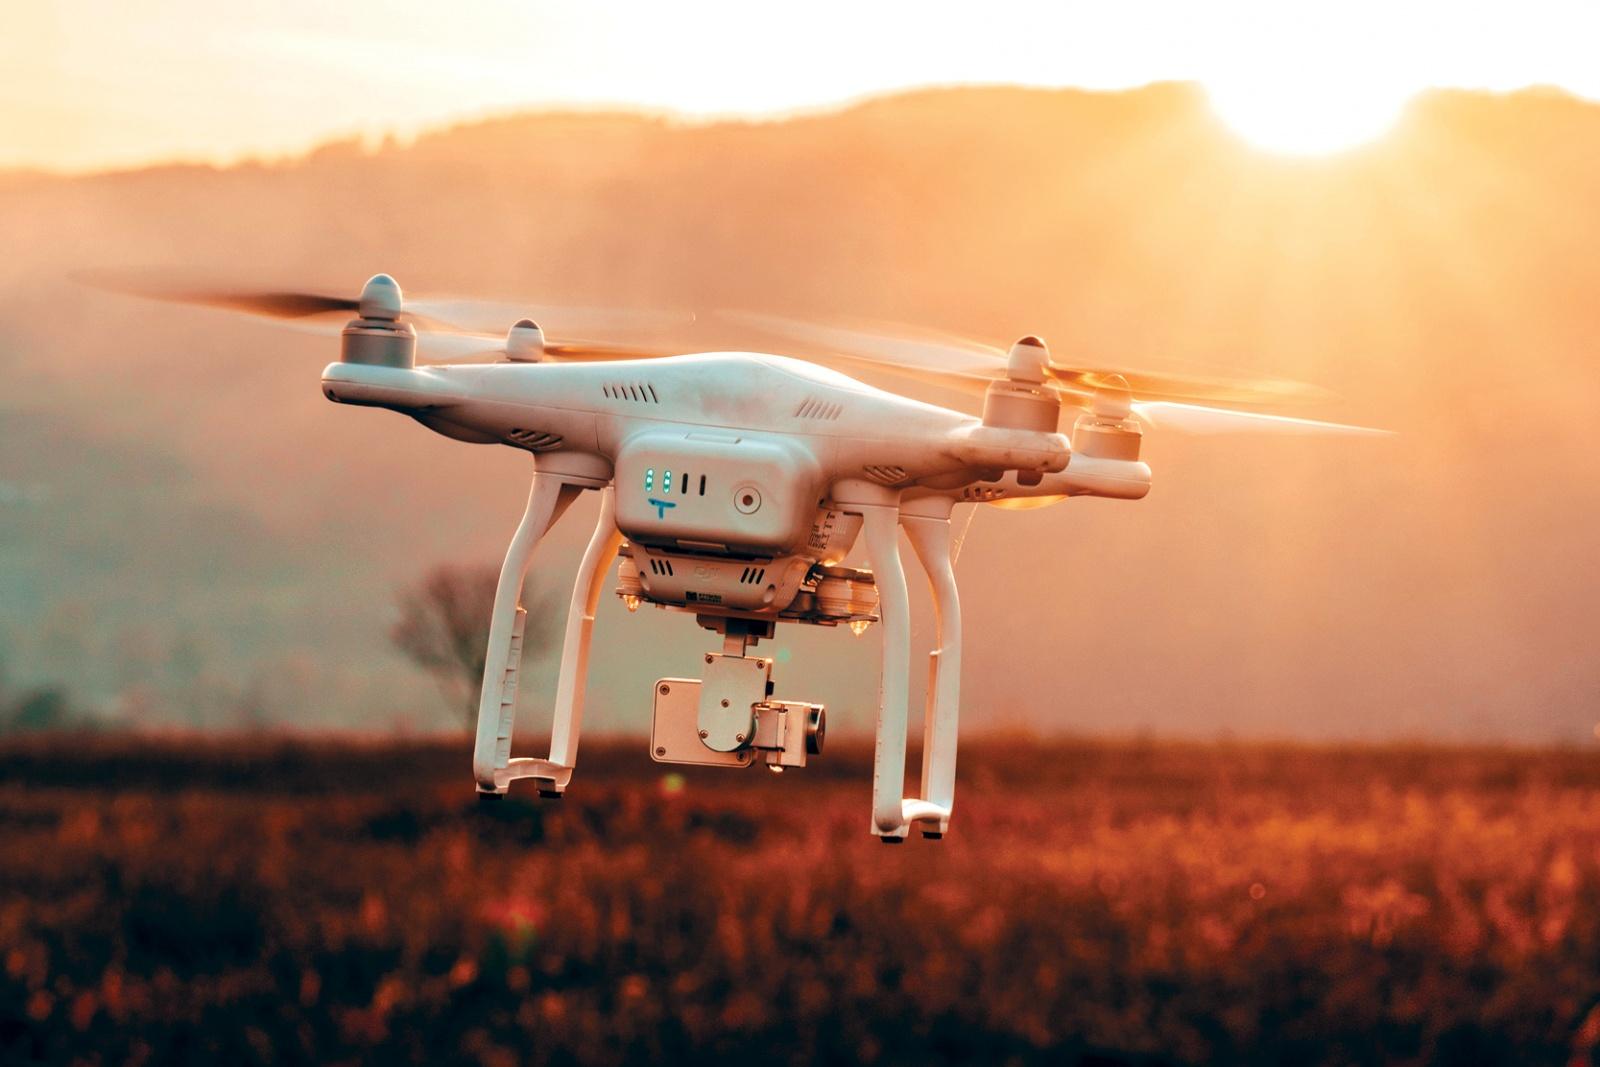 Летающие зарядки для дронов смогут поддерживать их полёт очень долго - 1